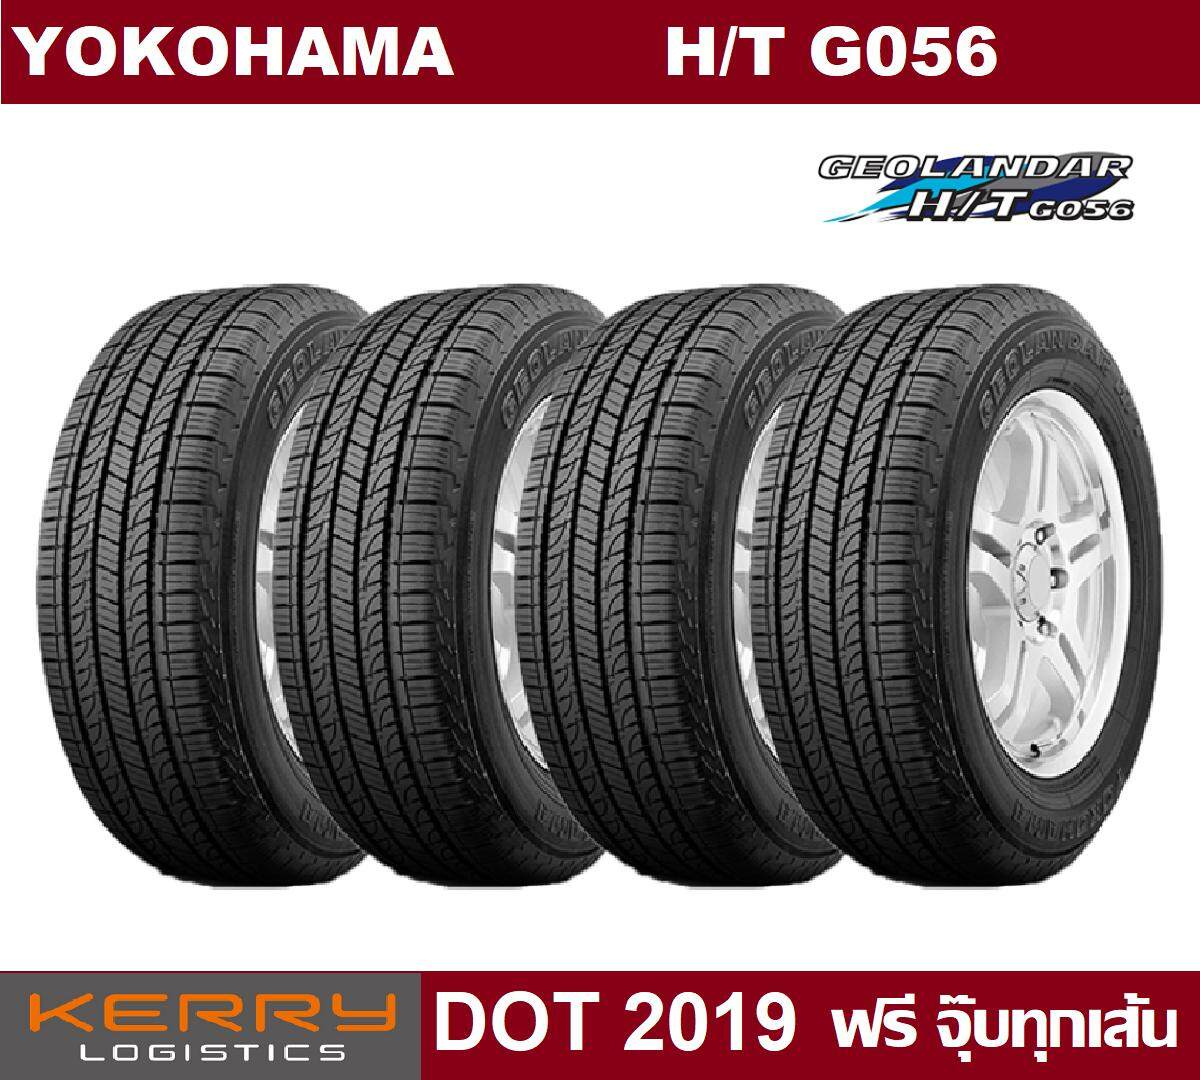 ประกันภัย รถยนต์ 3 พลัส ราคา ถูก ชัยนาท ยางรถยนต์ Yokohama รุ่น Geolandar H/T G056 ขนาด 245/70R16 จำนวน 4 เส้น (2019)